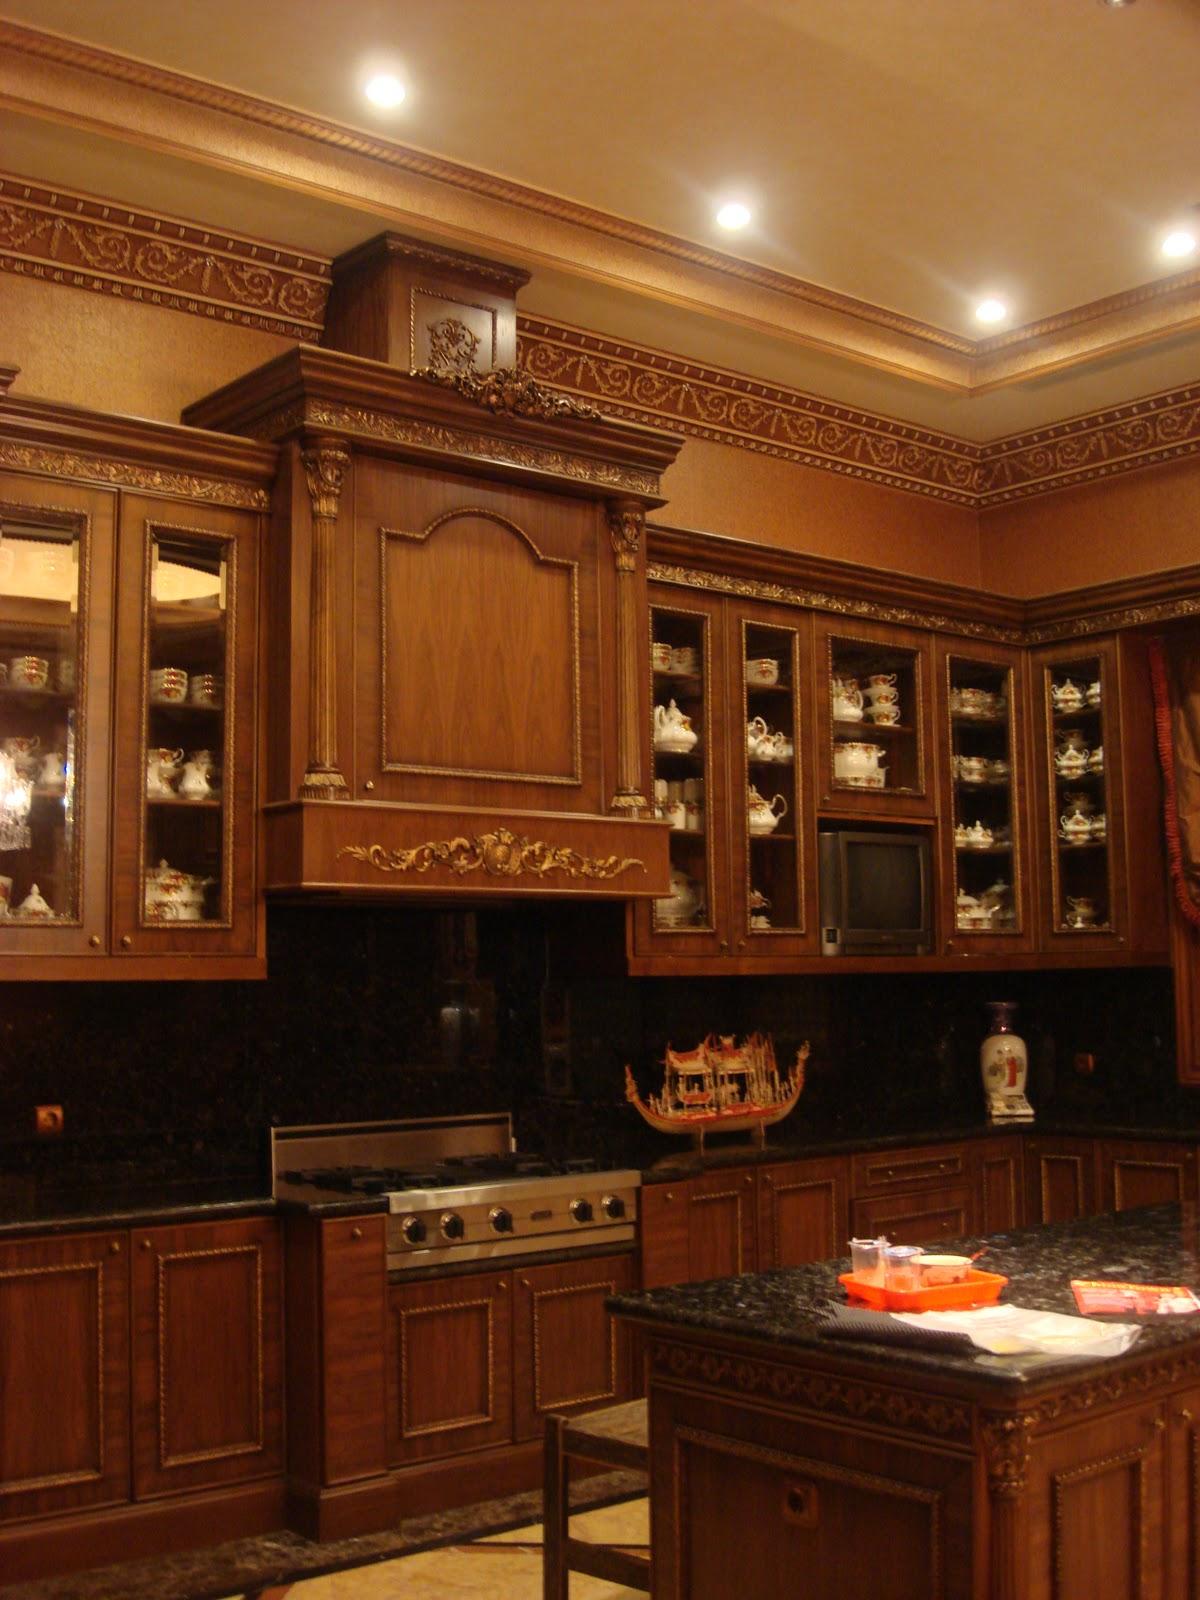 RUMAH DISAIN: Kitchen Set - bergaya klasik elegan